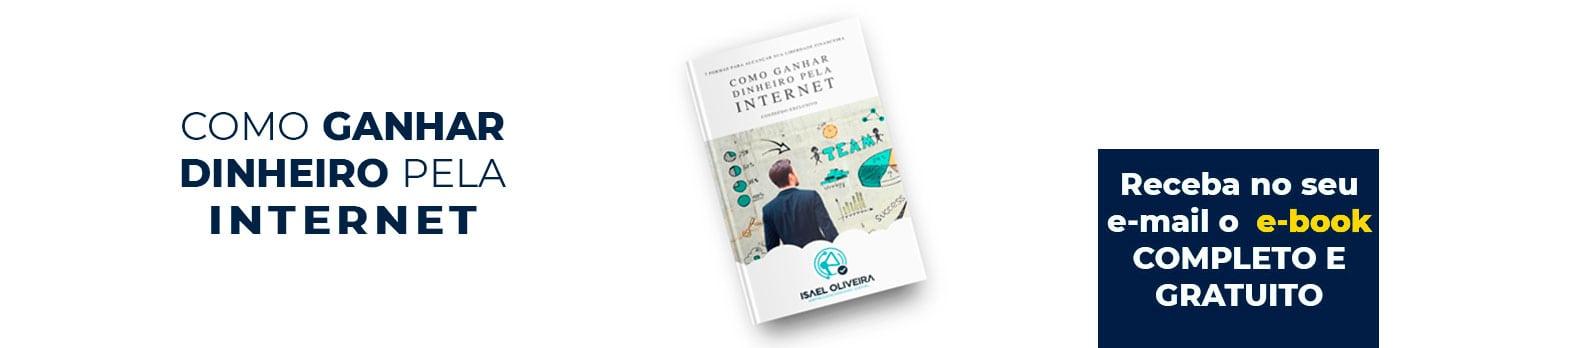 banner-e-book-como-ganhar-dinheiro-pela-internet-1581x348